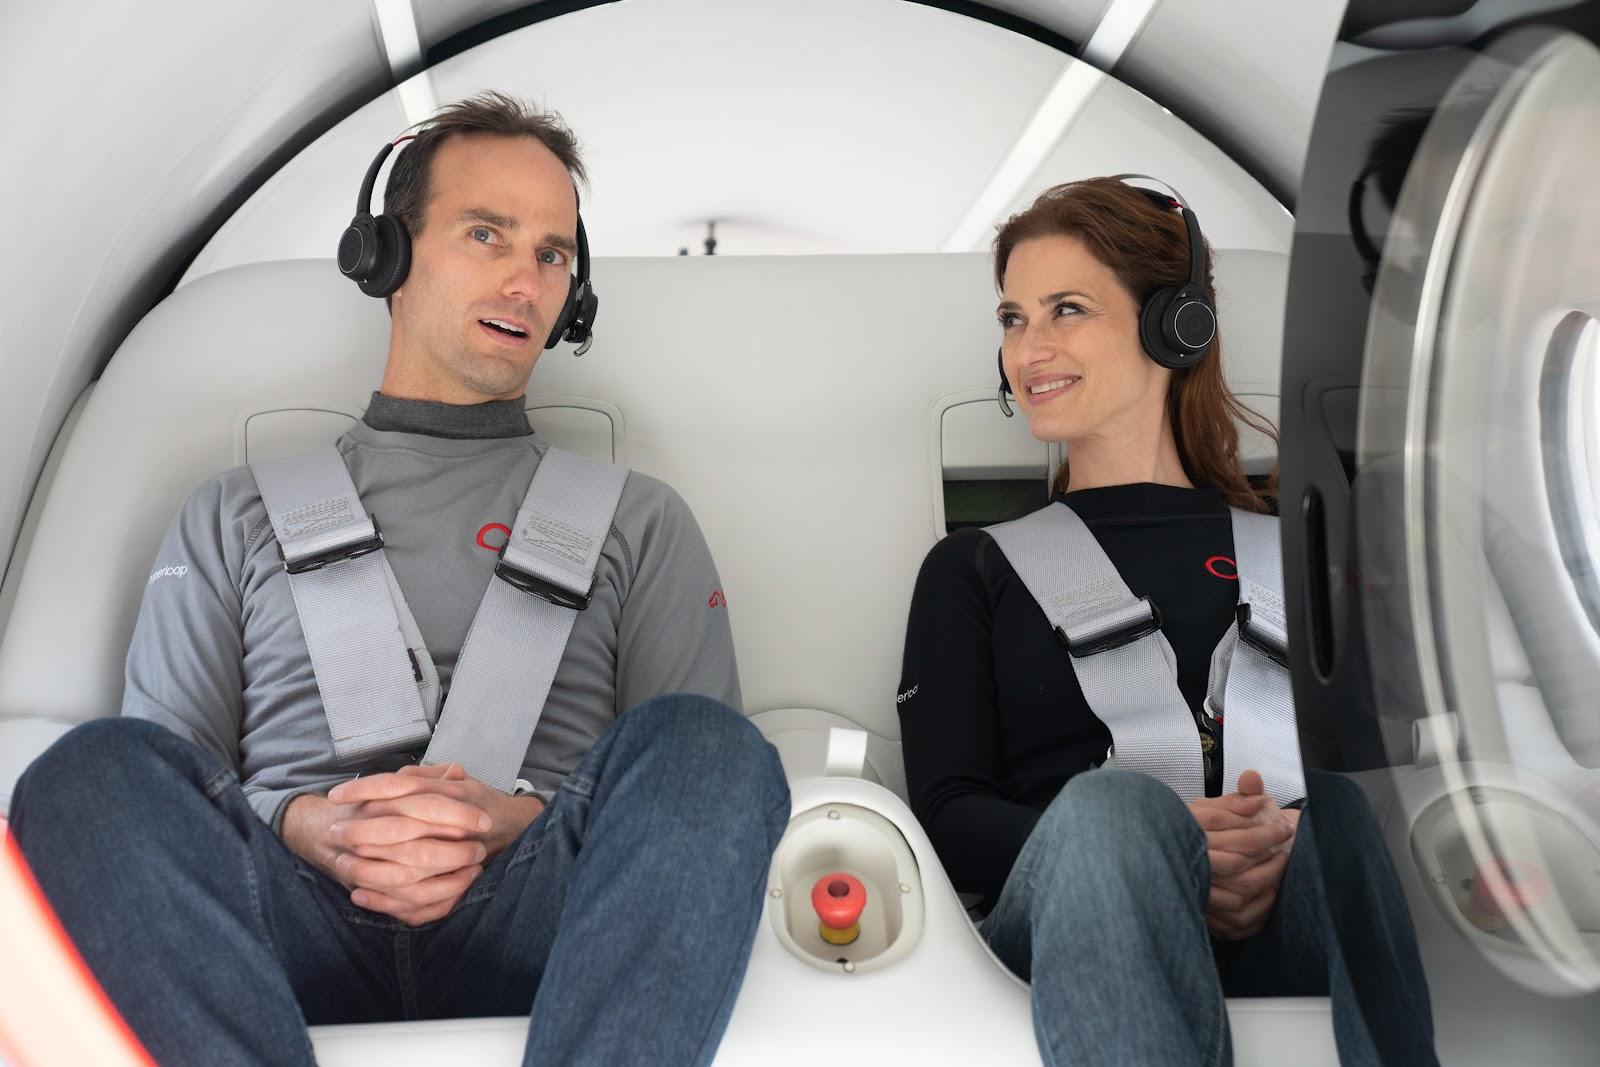 Os passageiros para o primeiro teste foram o diretor de tecnologia da empresa, Josh Giegel, e a diretora de experiência de passageiros, Sara Luchian. (Divulgação / Virgin Hyperloop)